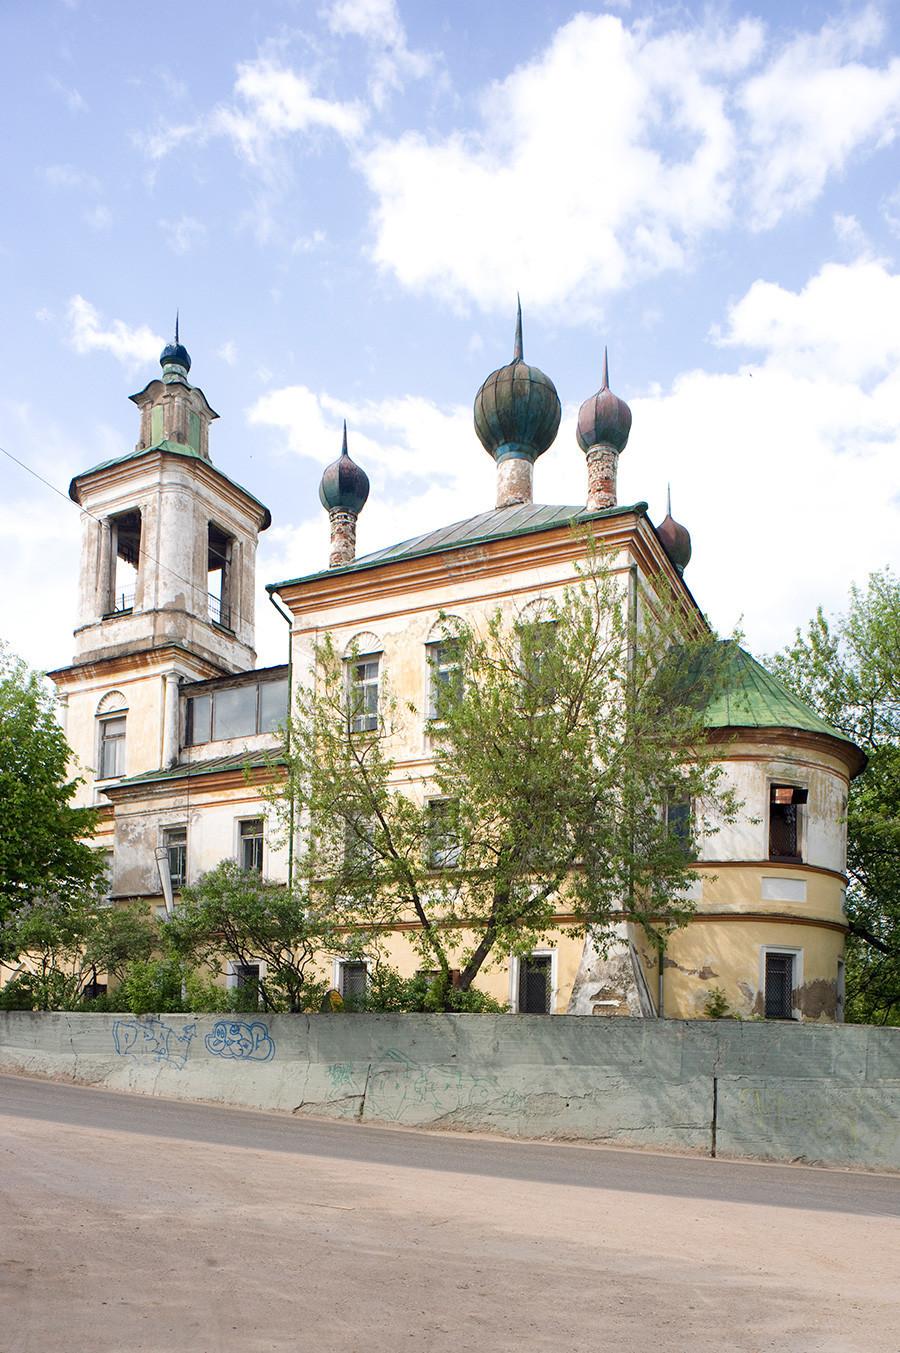 Cerkev sv. Jurija. Pogled proti jugovzhodu. 14. maj 2010